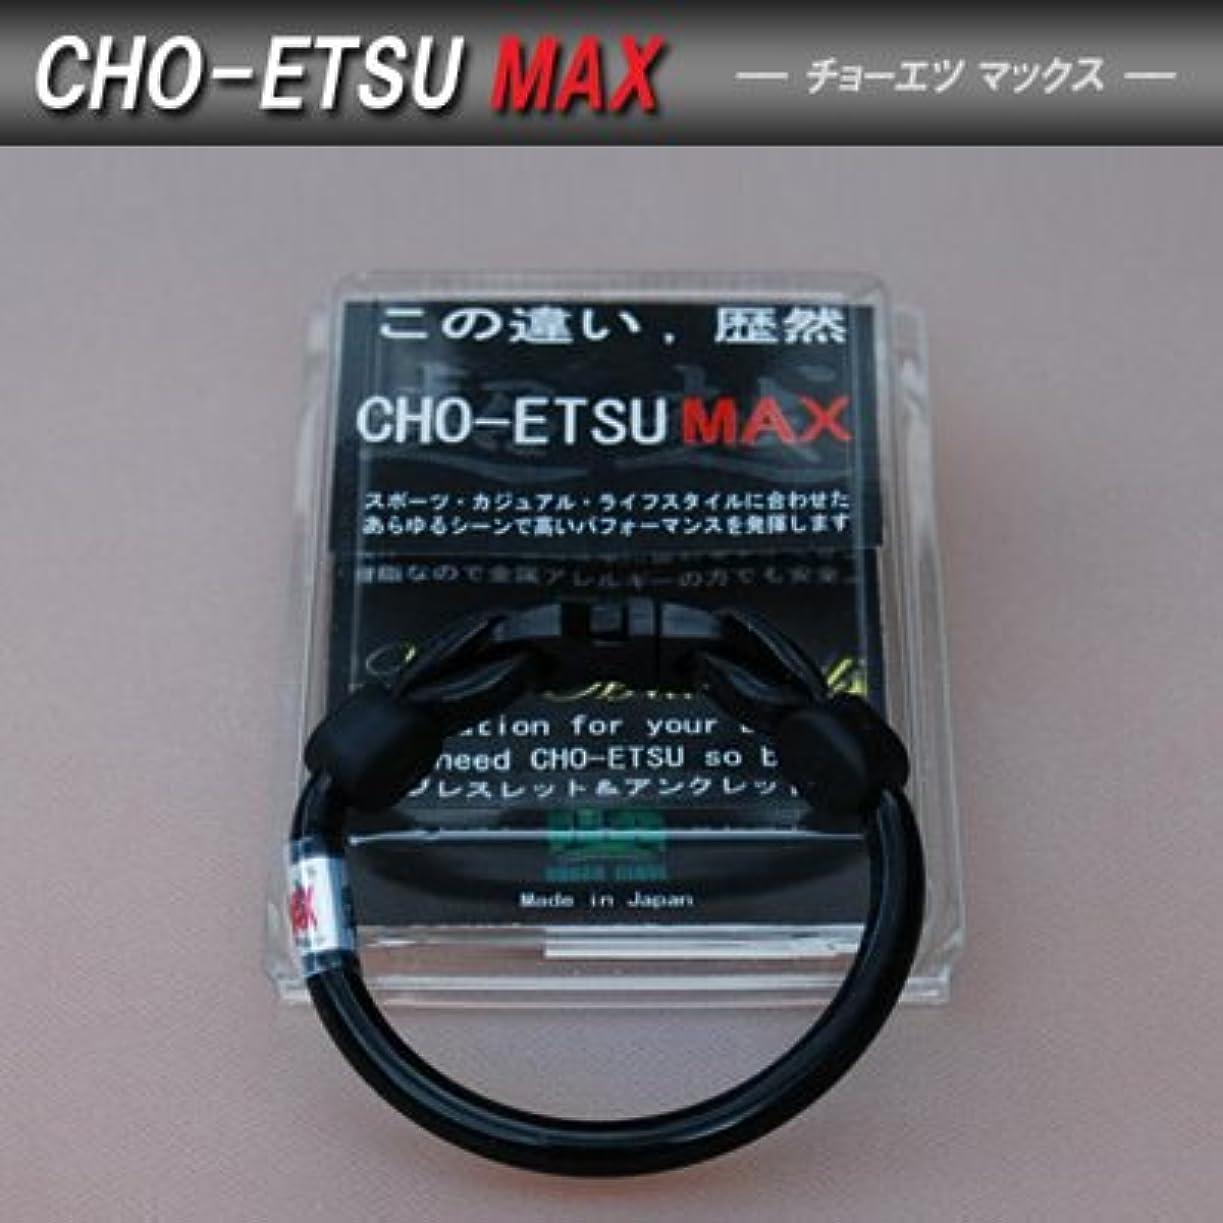 地平線エクスタシーずんぐりした超越MAX ブレスレット&アンクレット Sサイズ ブラック CHO-ETSU MAX(チョーエツマックス)